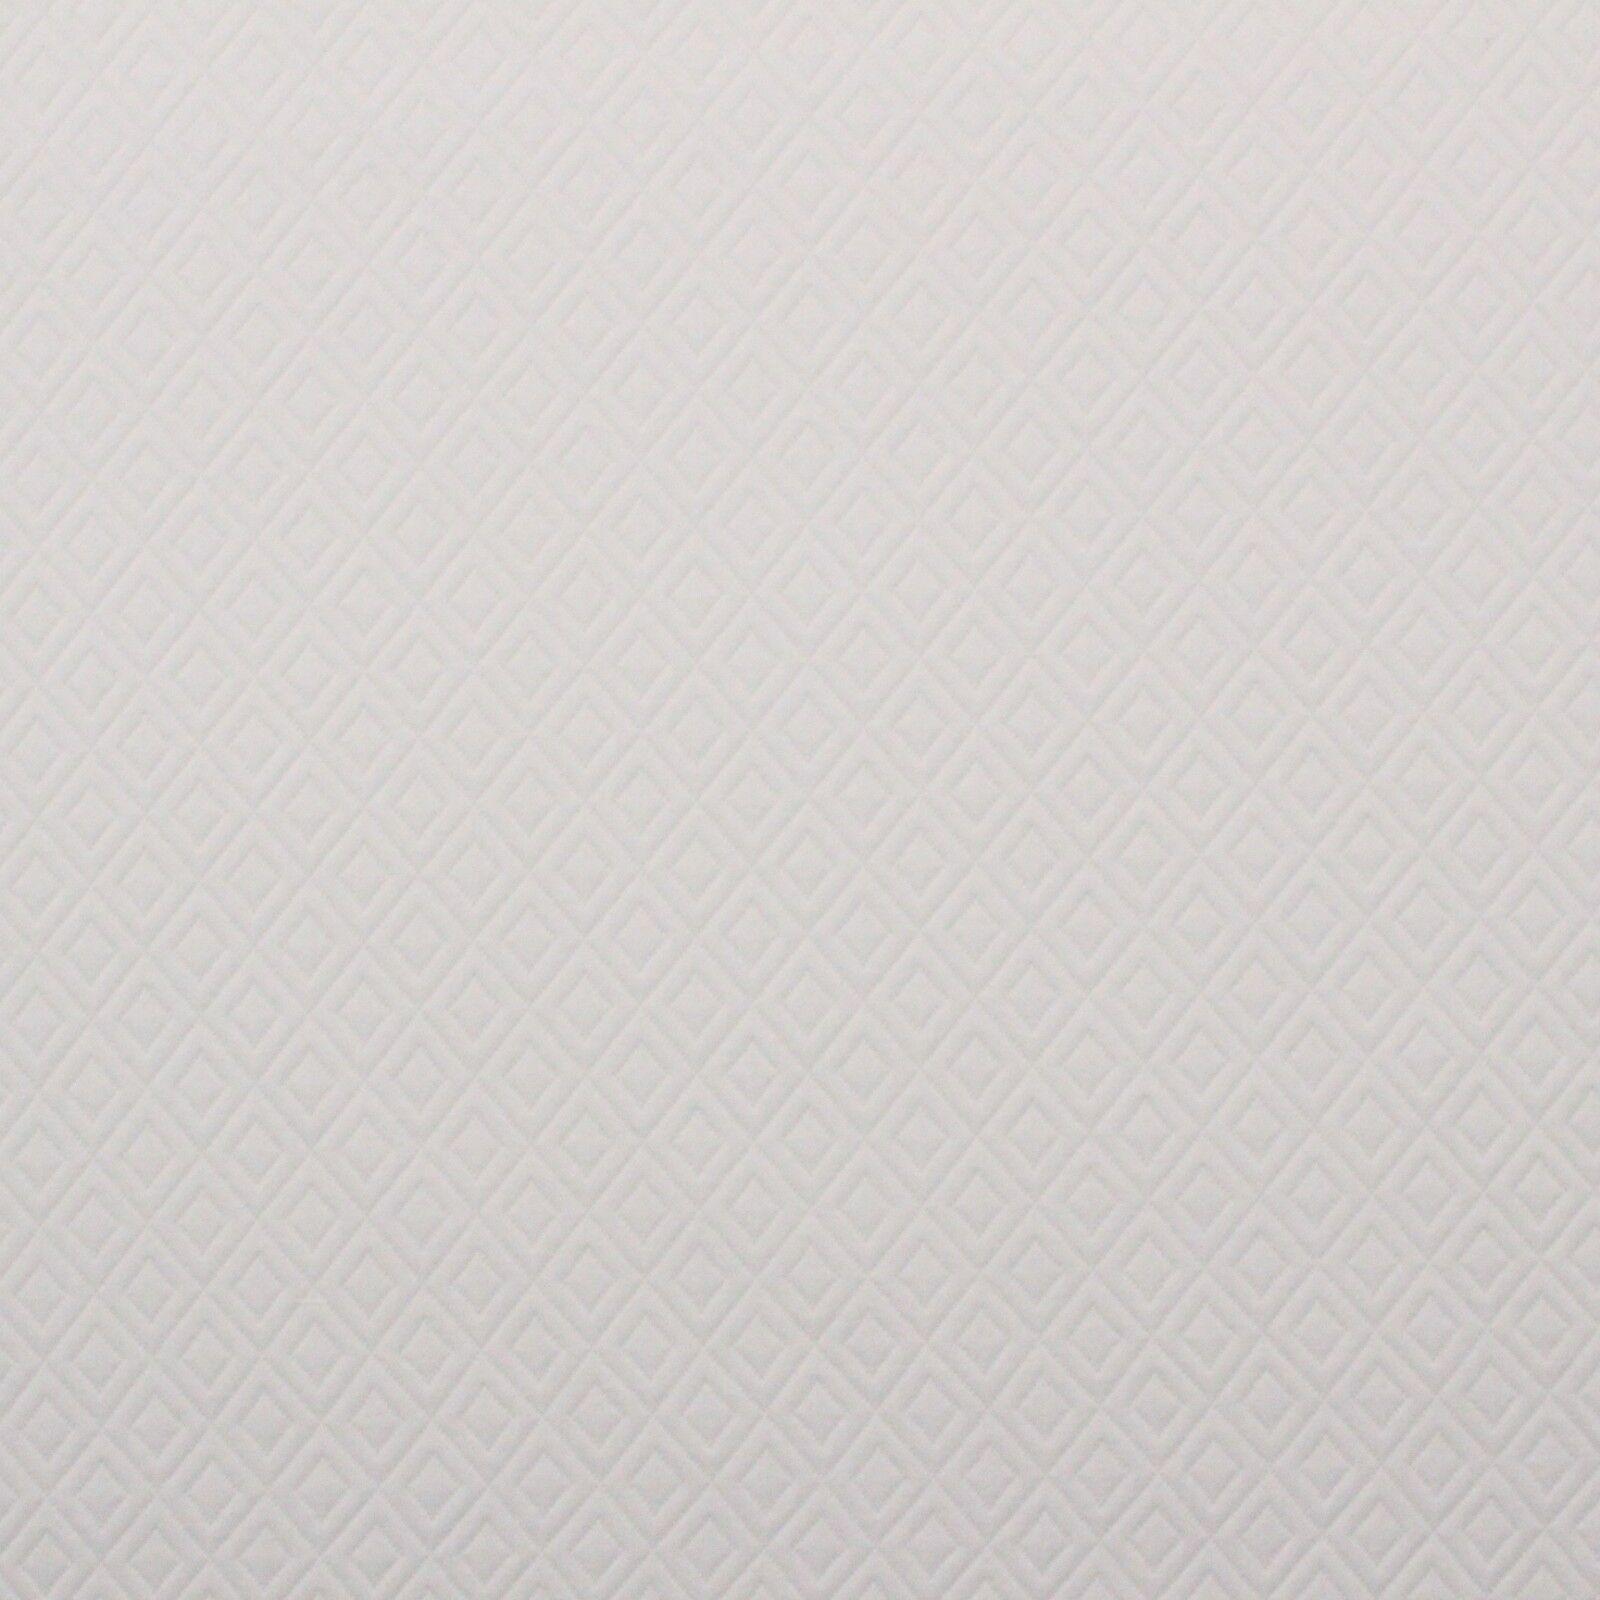 designer diamond matelasse white multipurpose furniture fabr